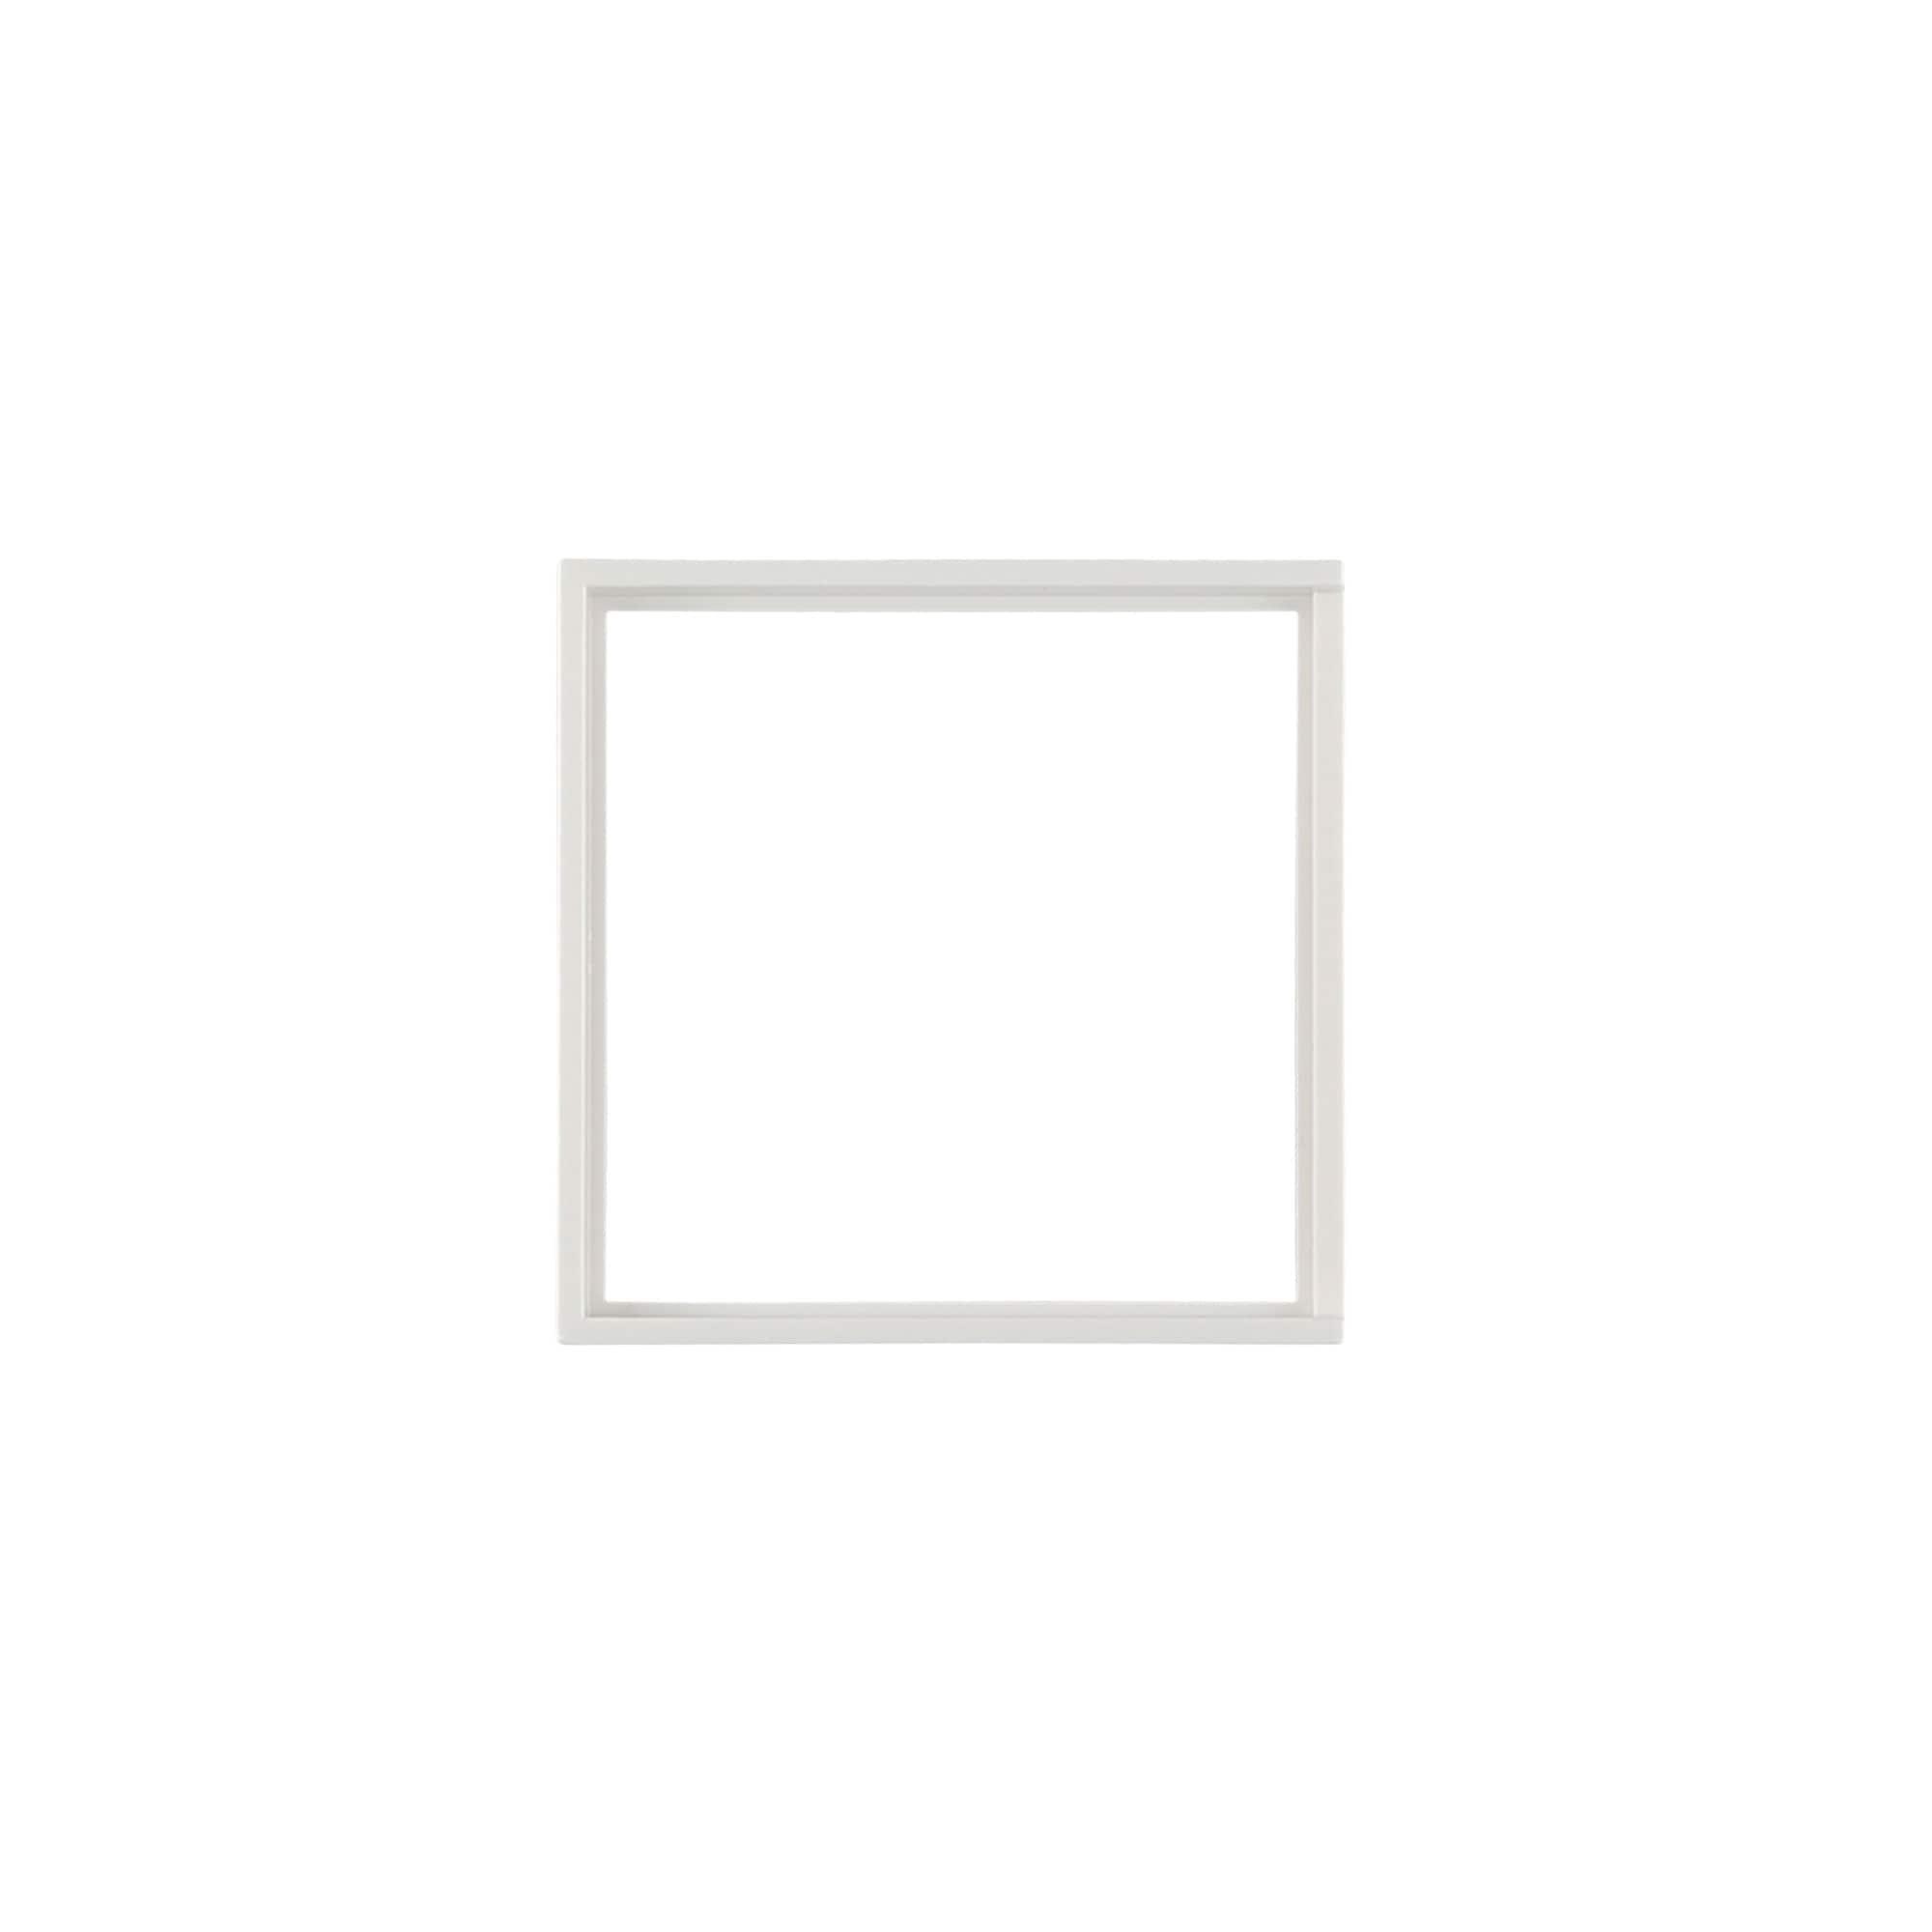 gira system 55 rahmen schalter wippe steckdose einsatz reinwei gl nzend auswahl ebay. Black Bedroom Furniture Sets. Home Design Ideas